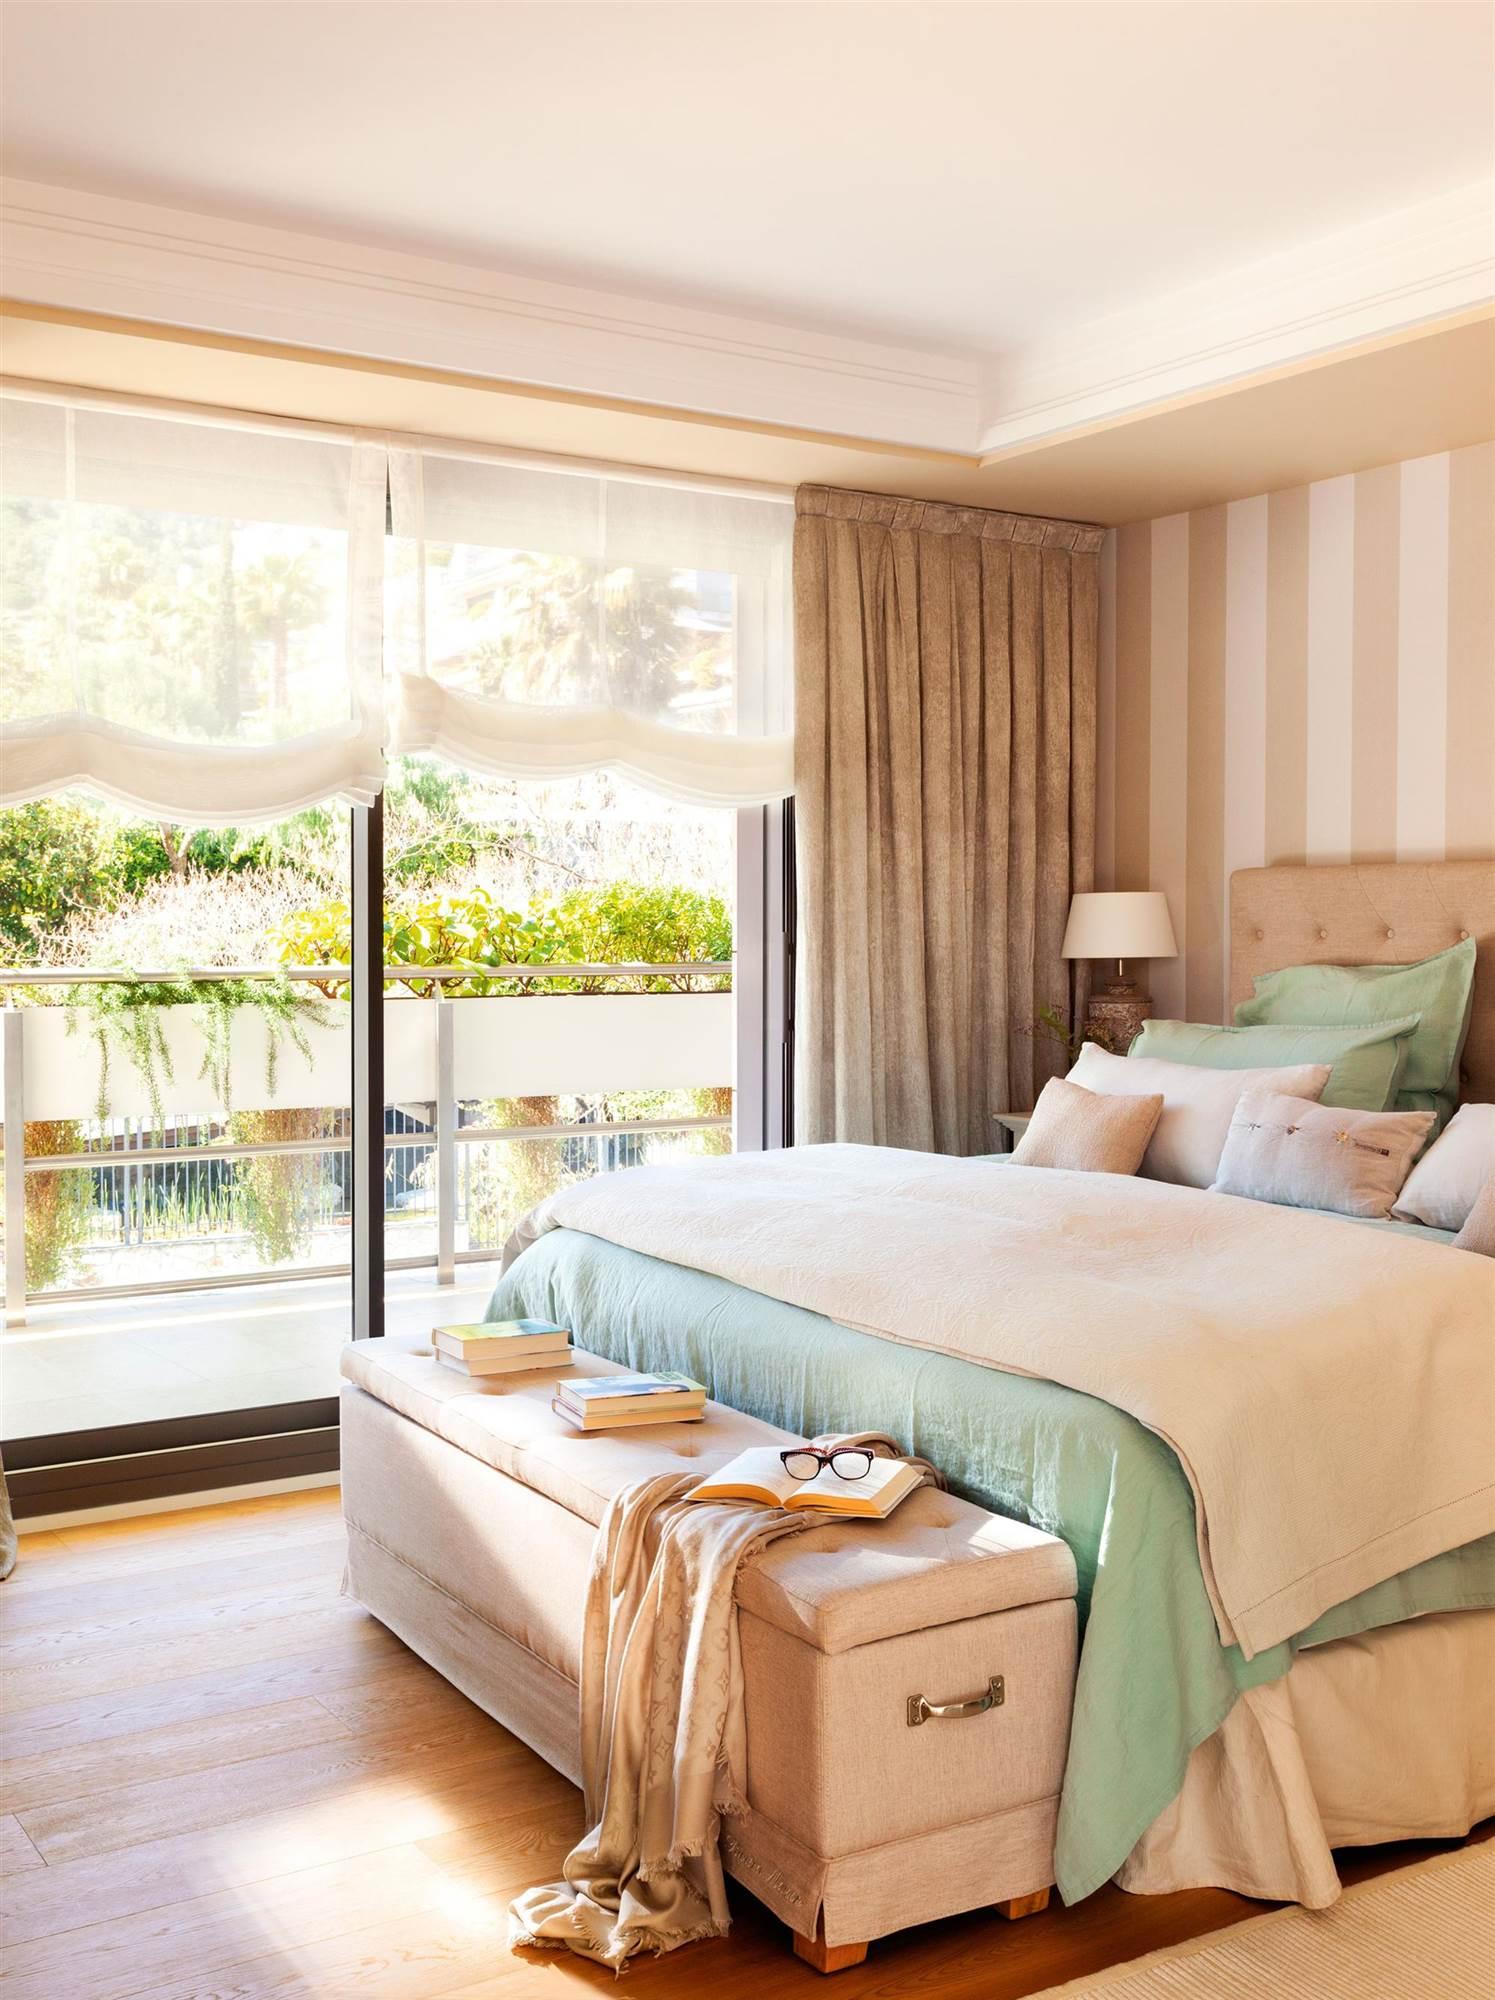 Banquetas pr cticas y decorativas - Banquetas dormitorio ...